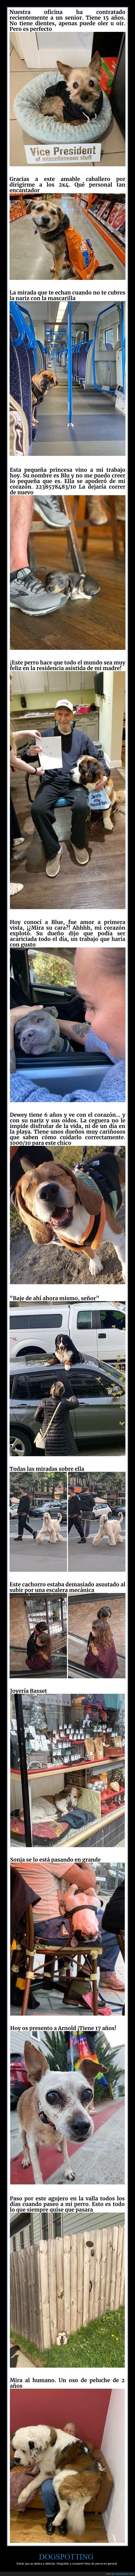 dogspotting,fotos,perros